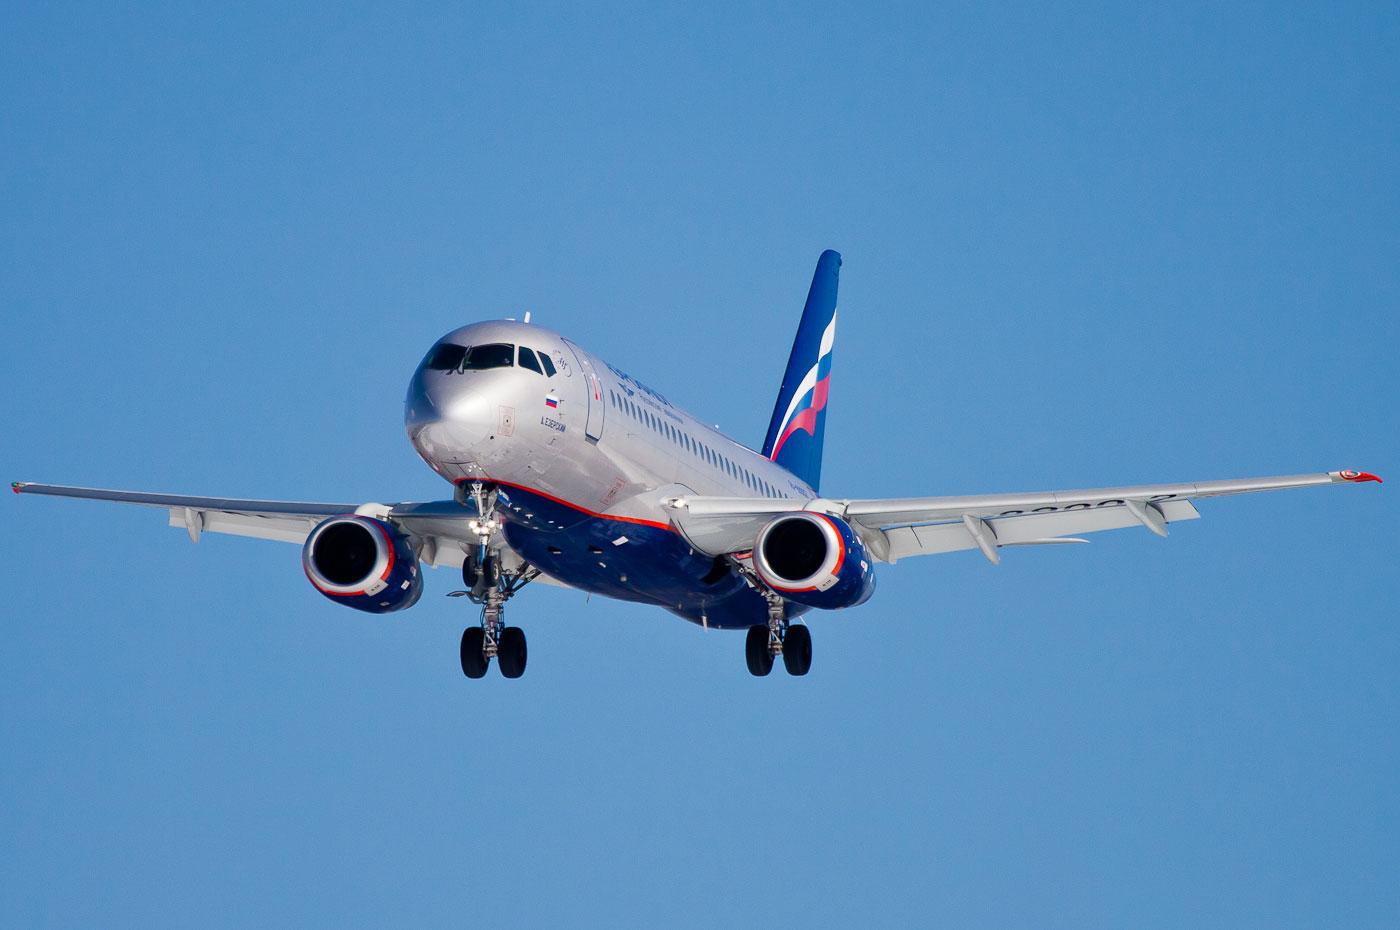 Билеты на самолет аэрофлот официальный сайт сыктывкар билеты на самолет с нерюнгри до новосибирска